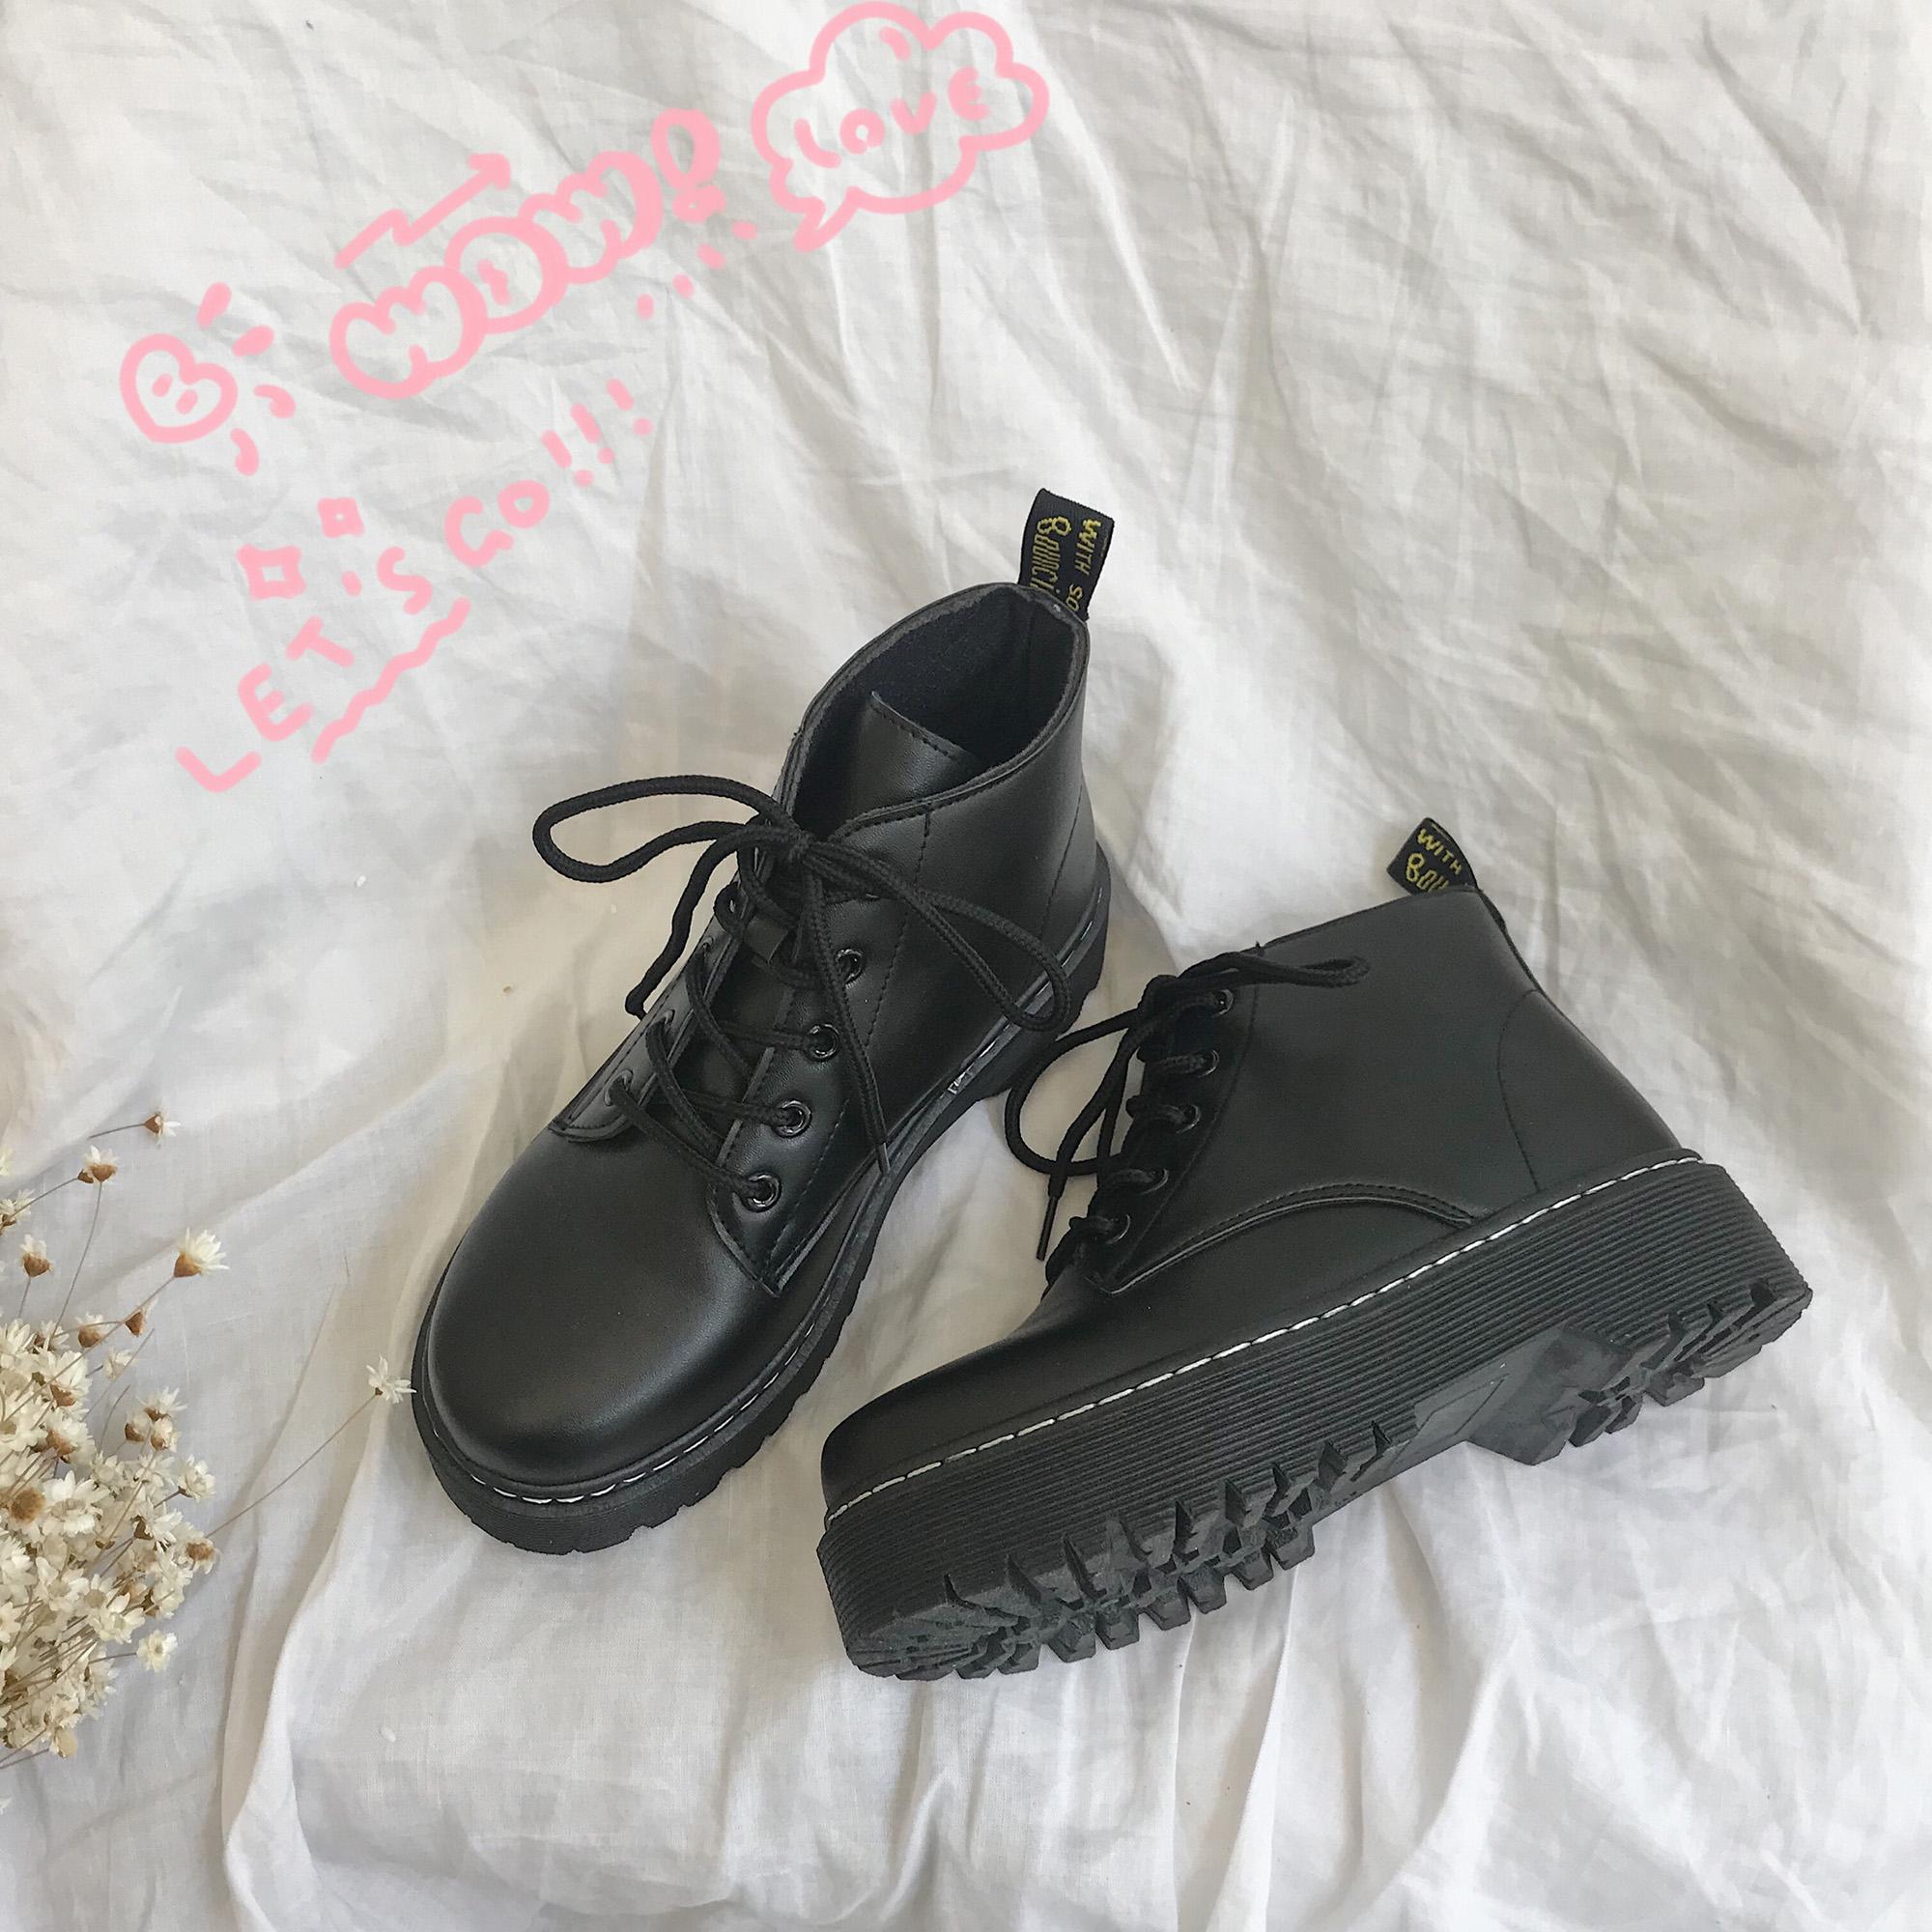 【在庫僅少】【shoes】熱い販売レトロソリッドカラー厚手ブーツ 13855693